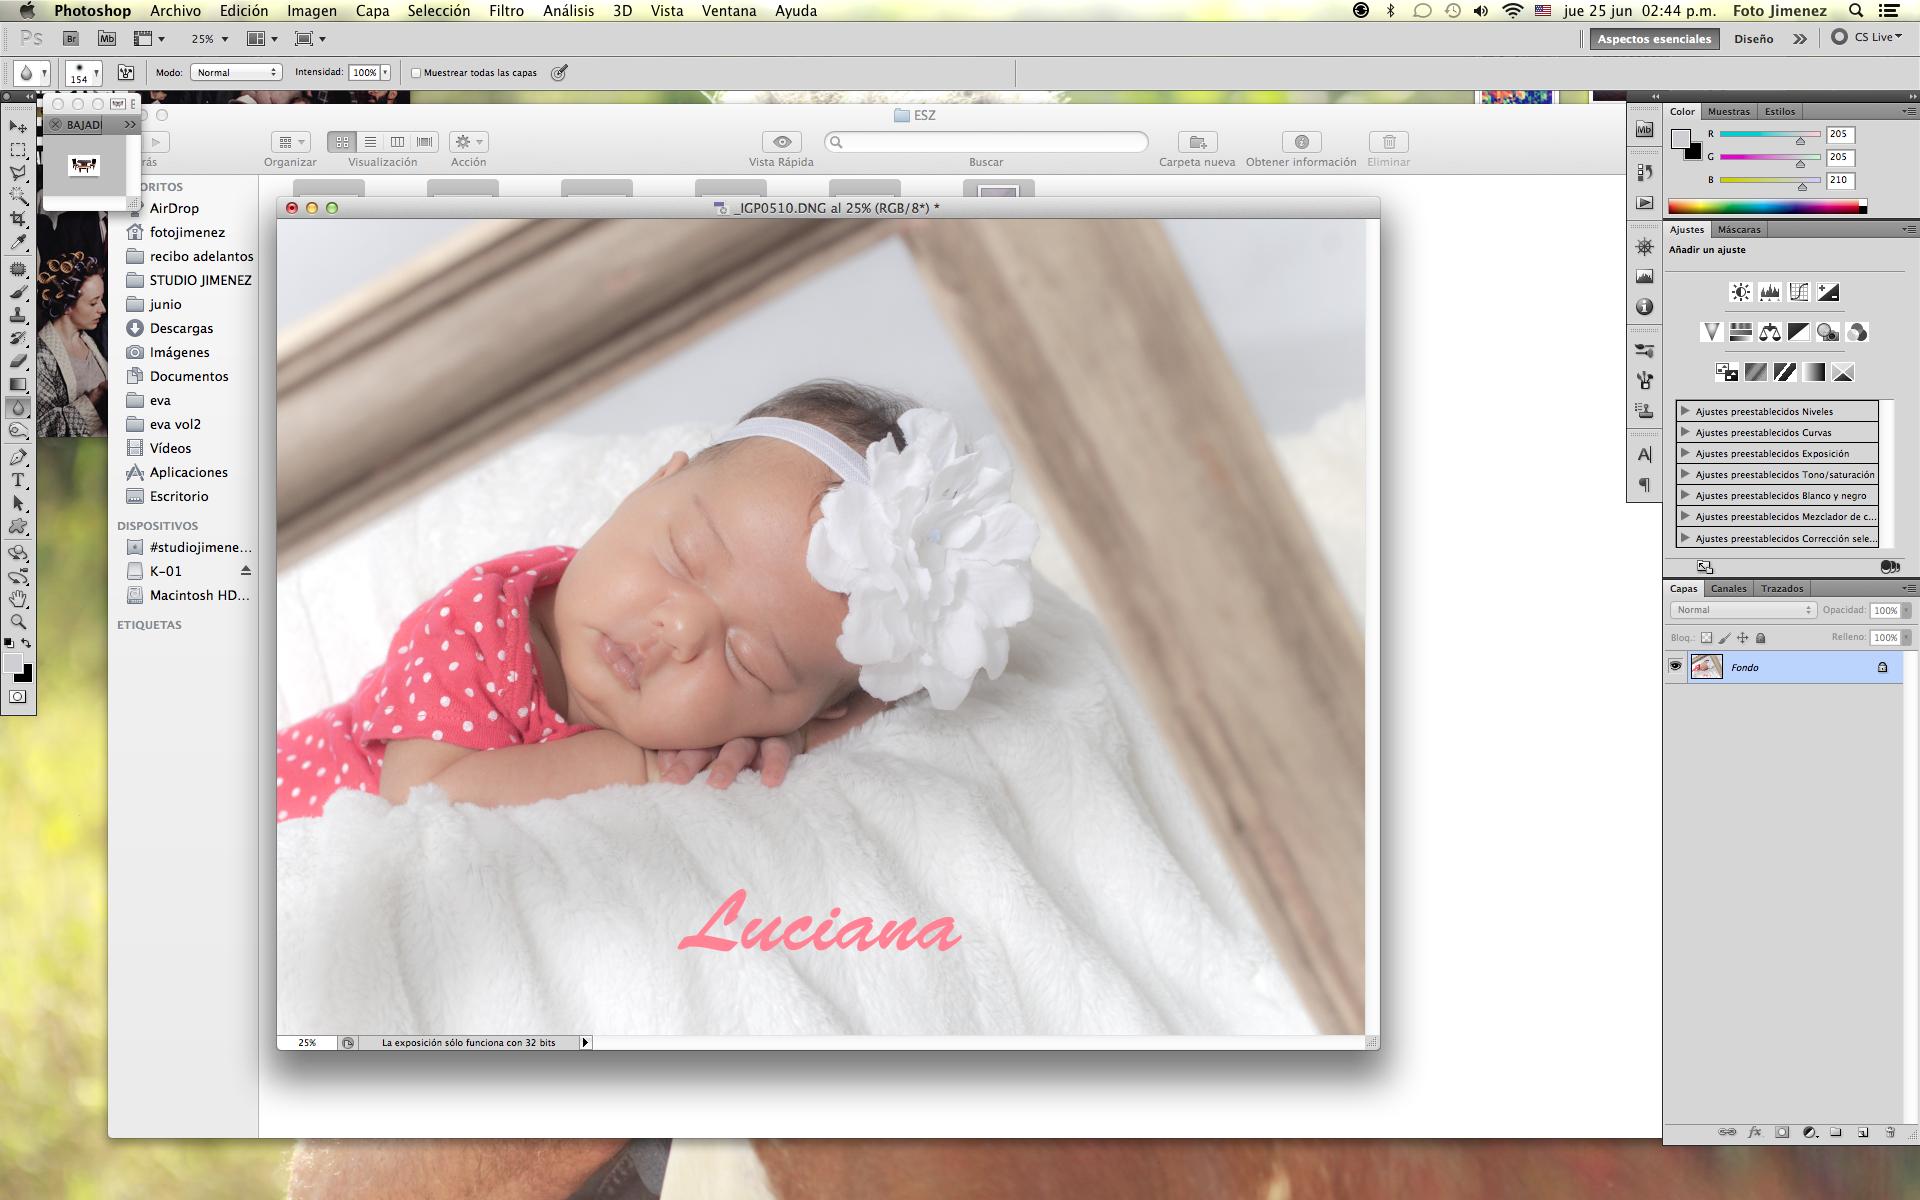 nueva idea de agregar detalles de molduras dentro de la fotografías